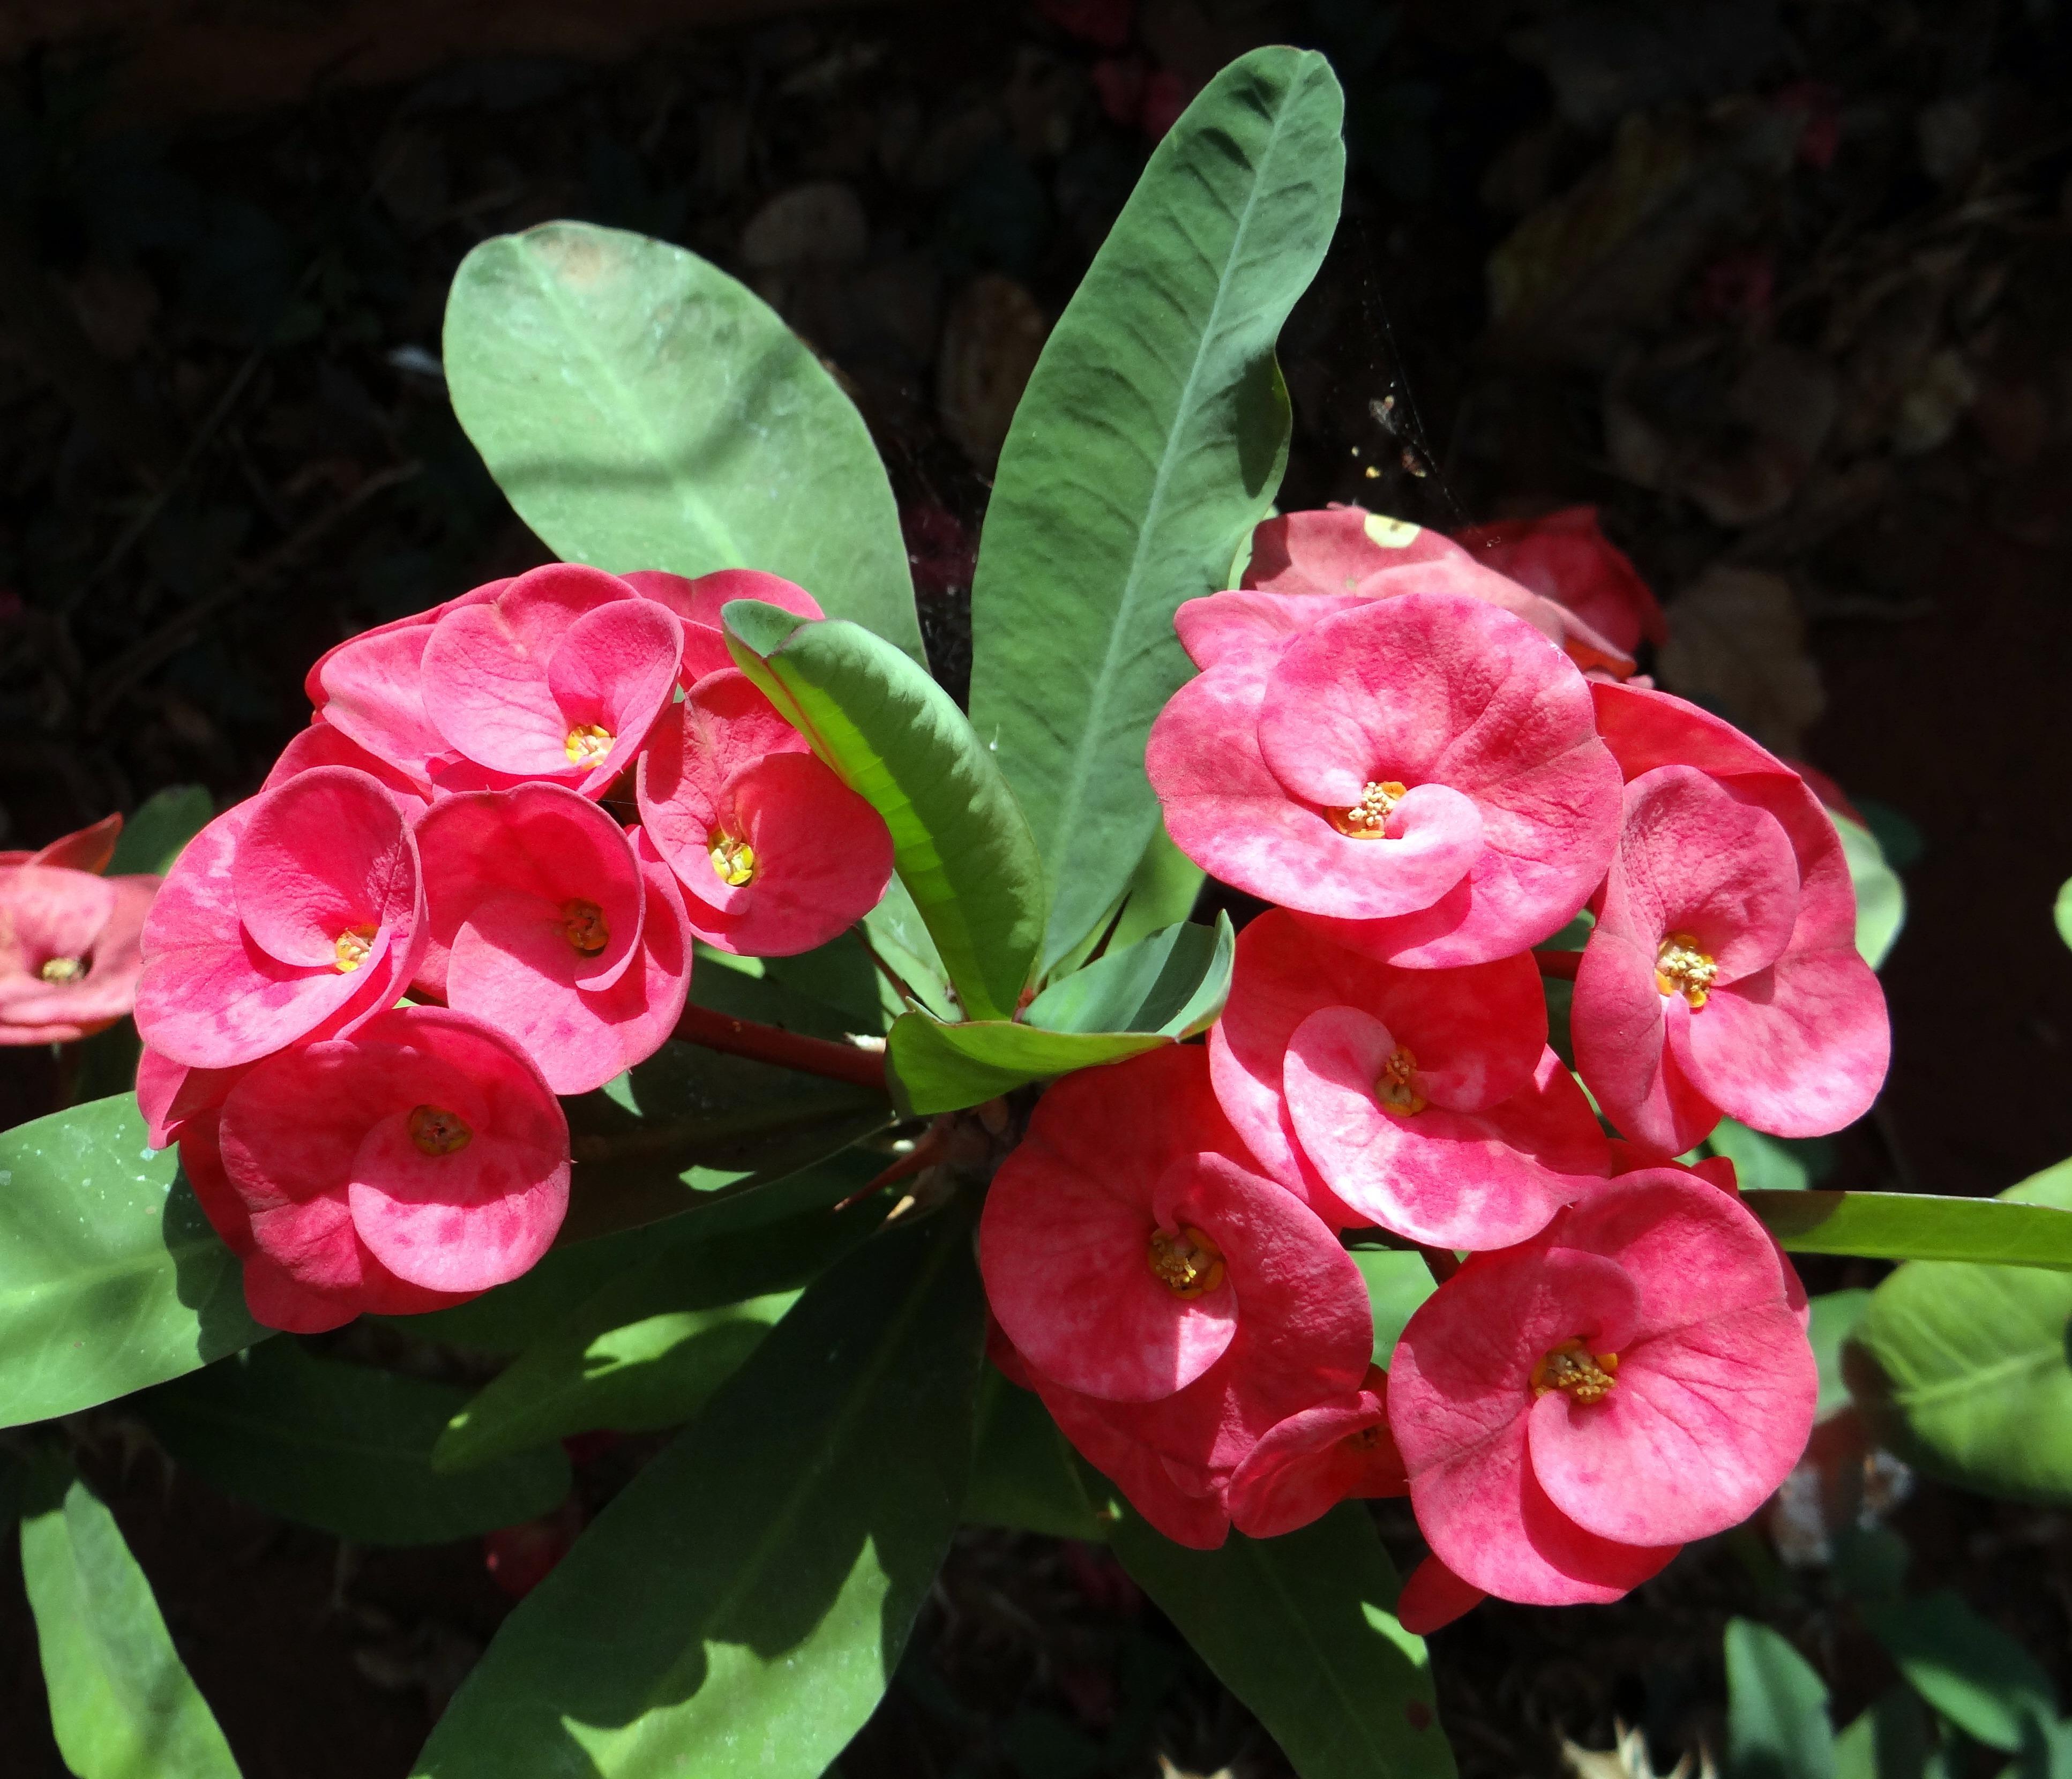 цветок эуфорбия фото вещь